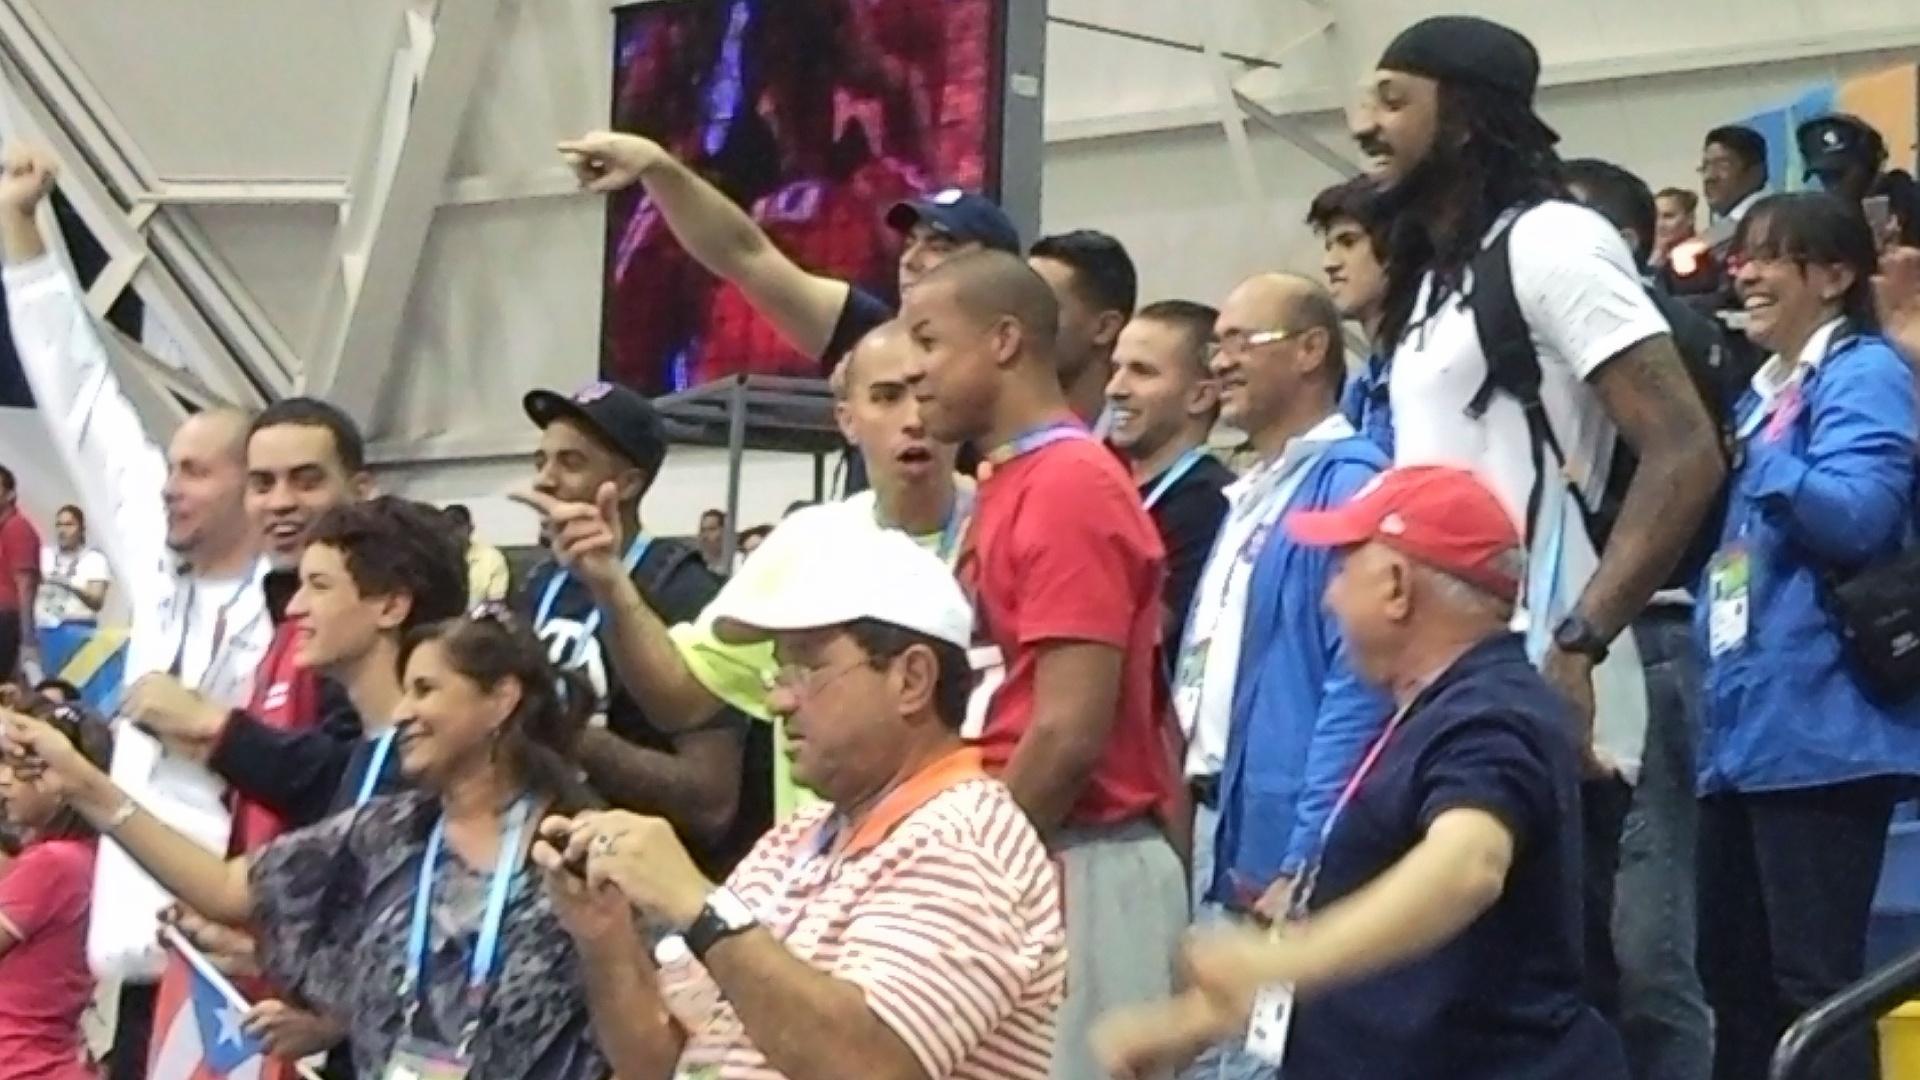 Jogadores da seleção masculina de Porto Rico comemoram vitória do time feminino sobre o Brasil (24/10/2011)